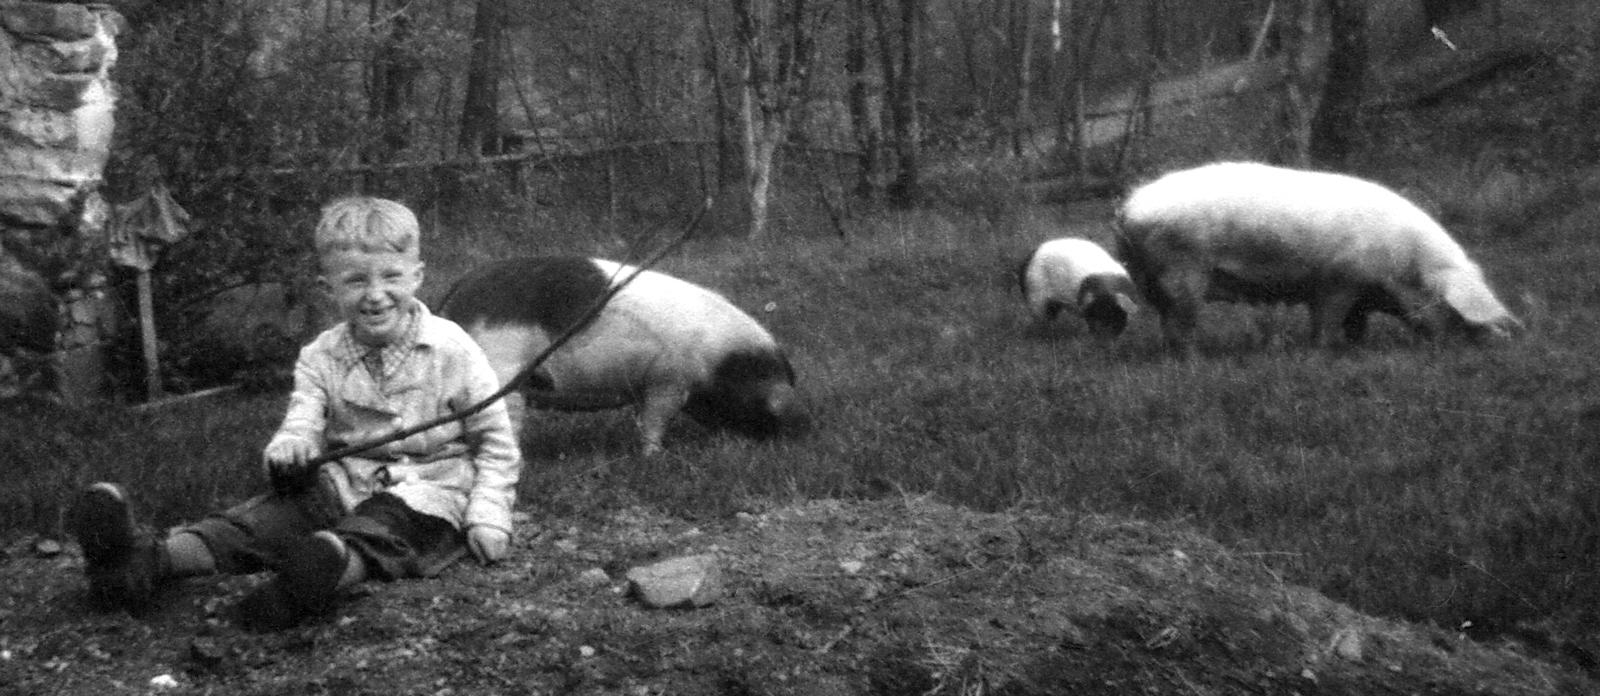 Erlebte Kindheit – Vom Schweinehirt zum Heimatforscher